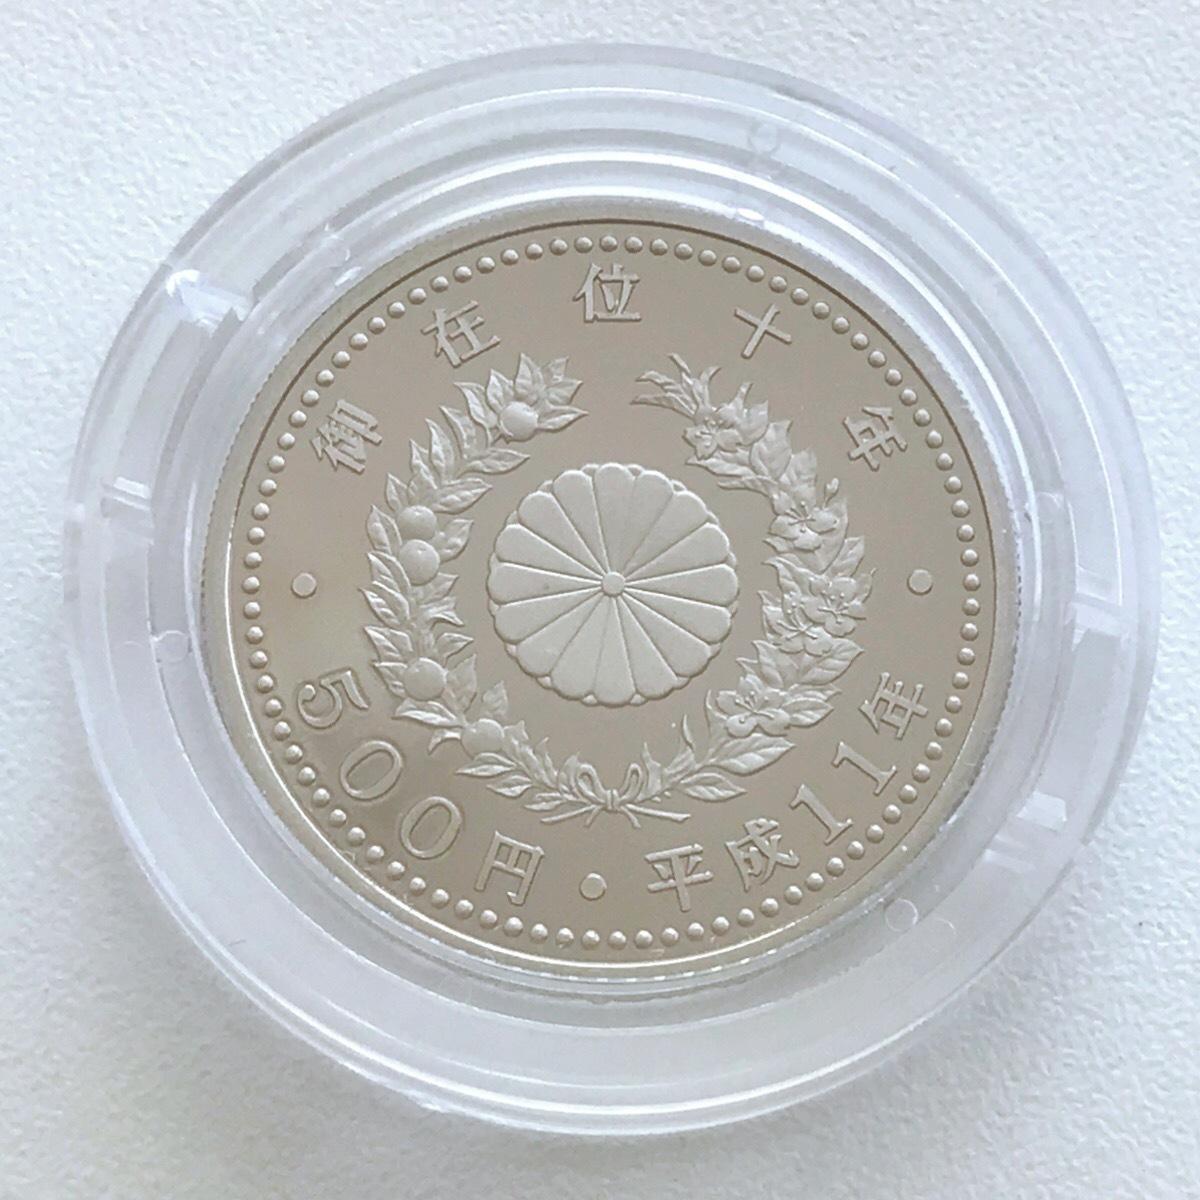 天皇陛下御在位10年記念 ◆ 1万円金貨 500円白銅貨 ◆ プルーフ 貨幣セット ◆ 平成11年 箱・ケース付き K24 純金 _画像7